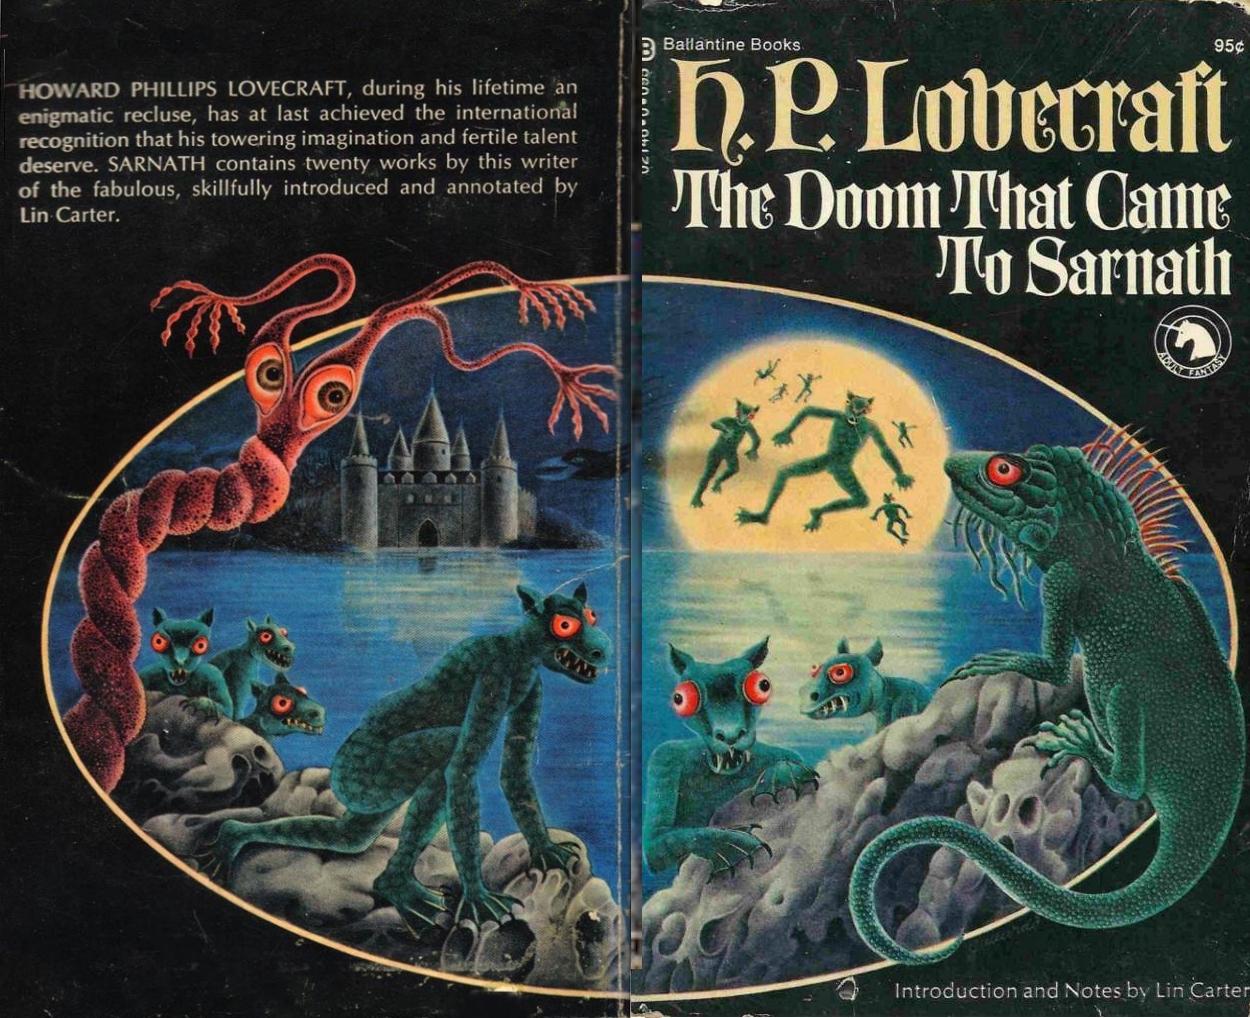 H.P. Lovecraft - Terrores Bibliográficos (1917-1959) | Noviembre Nocturno 9